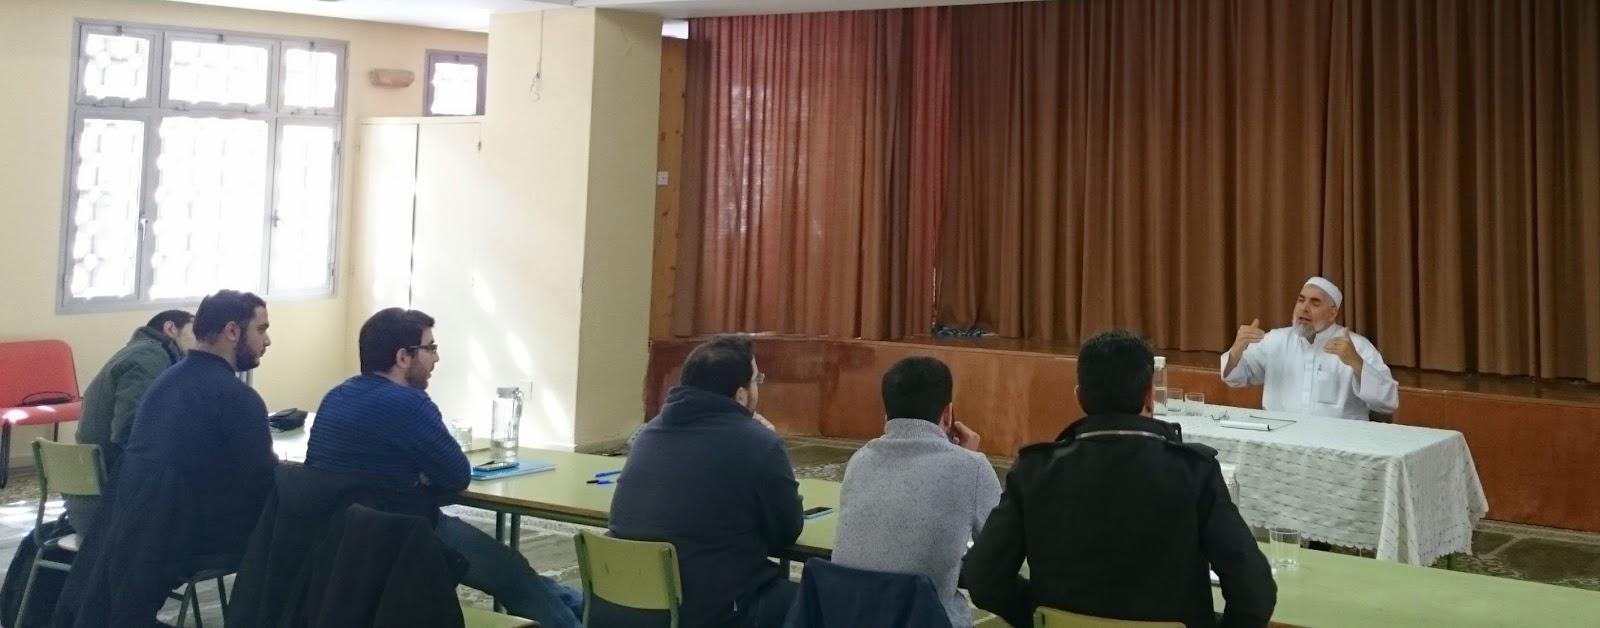 Curso de ciencias islámicas en la Mezquita Central de Madrid